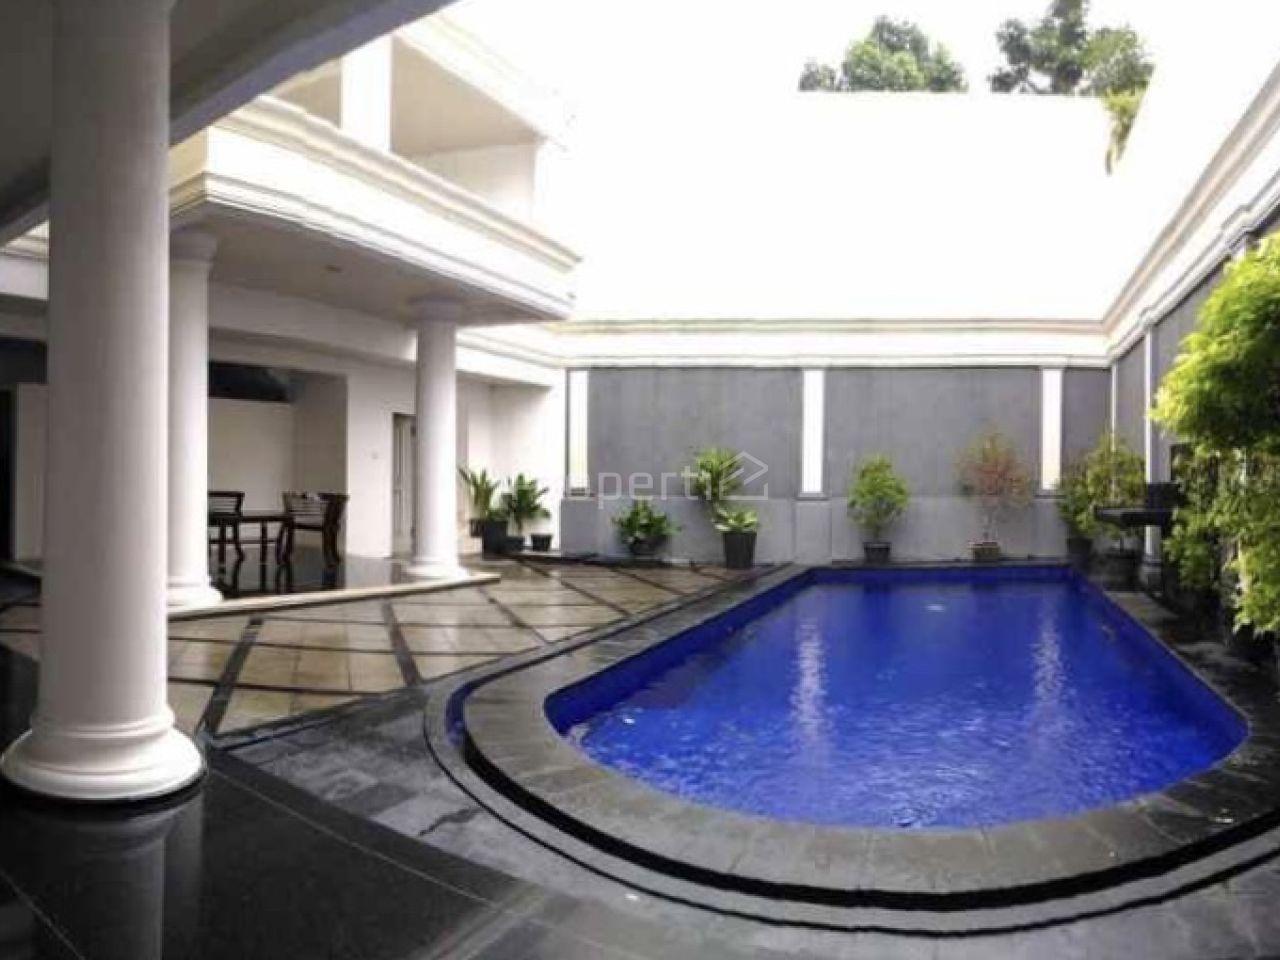 New House at Menteng, Jakarta Pusat